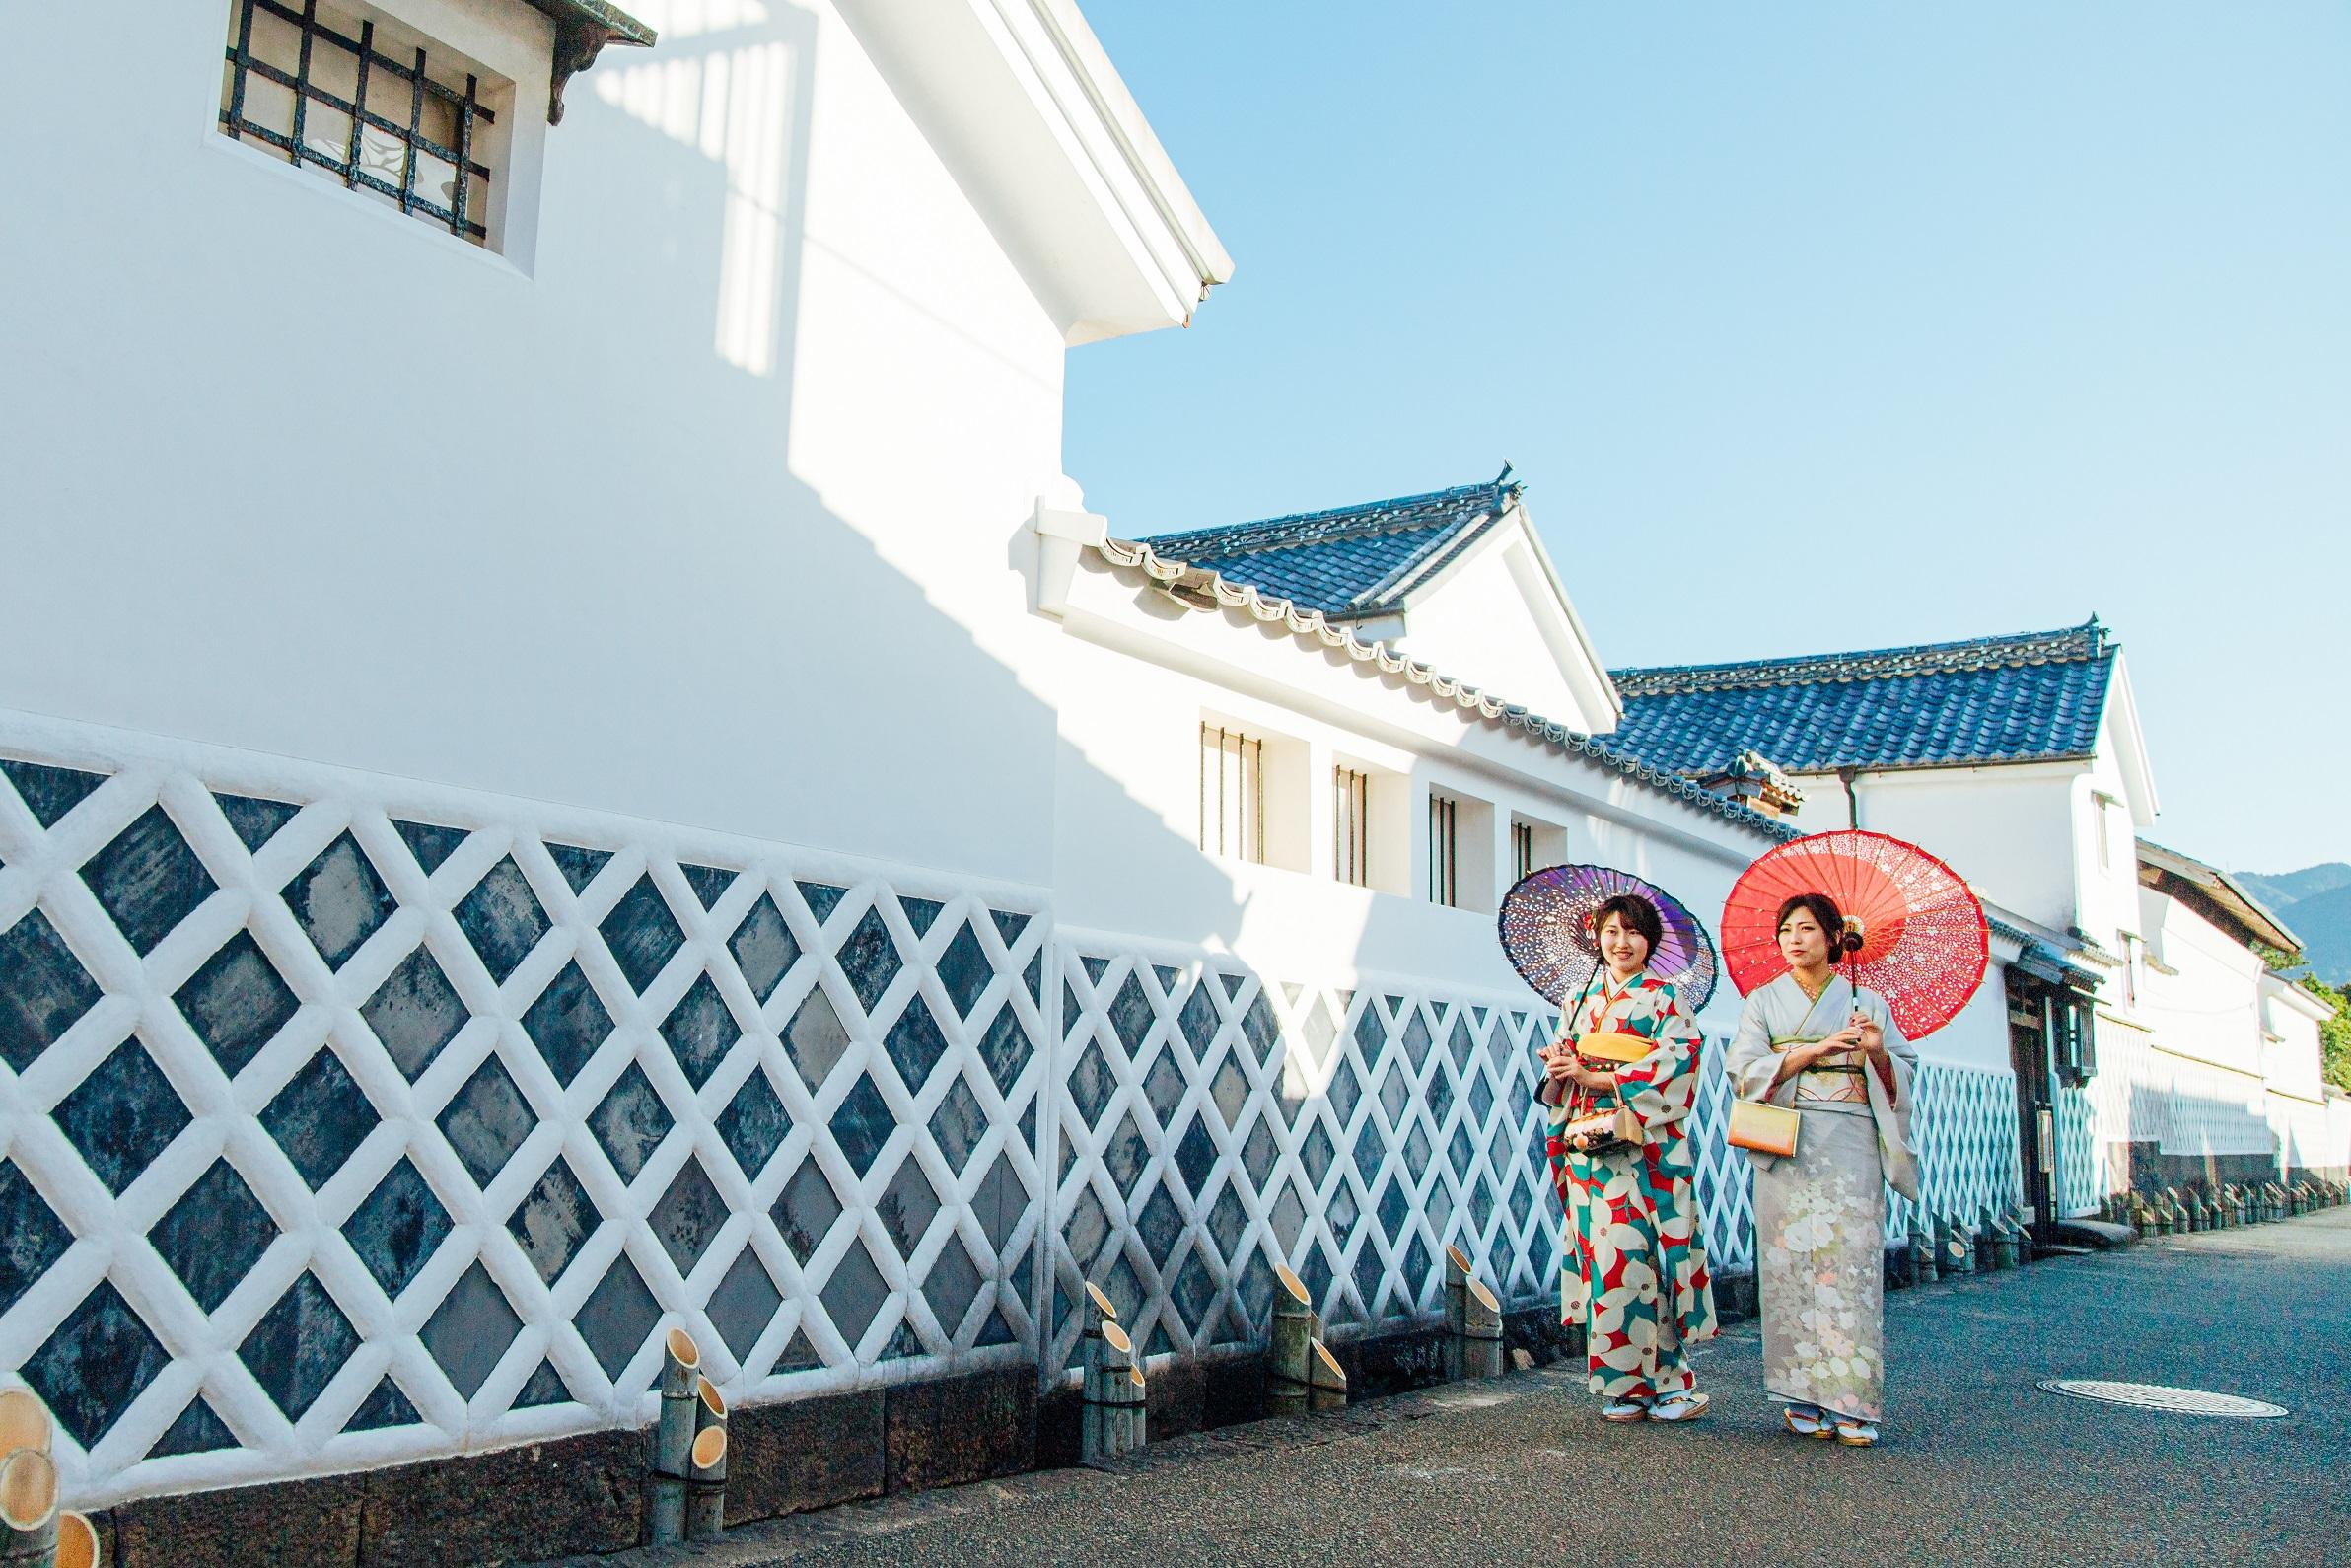 萩市観光協会のお墨付き!おすすめ観光スポットや定番グルメも!